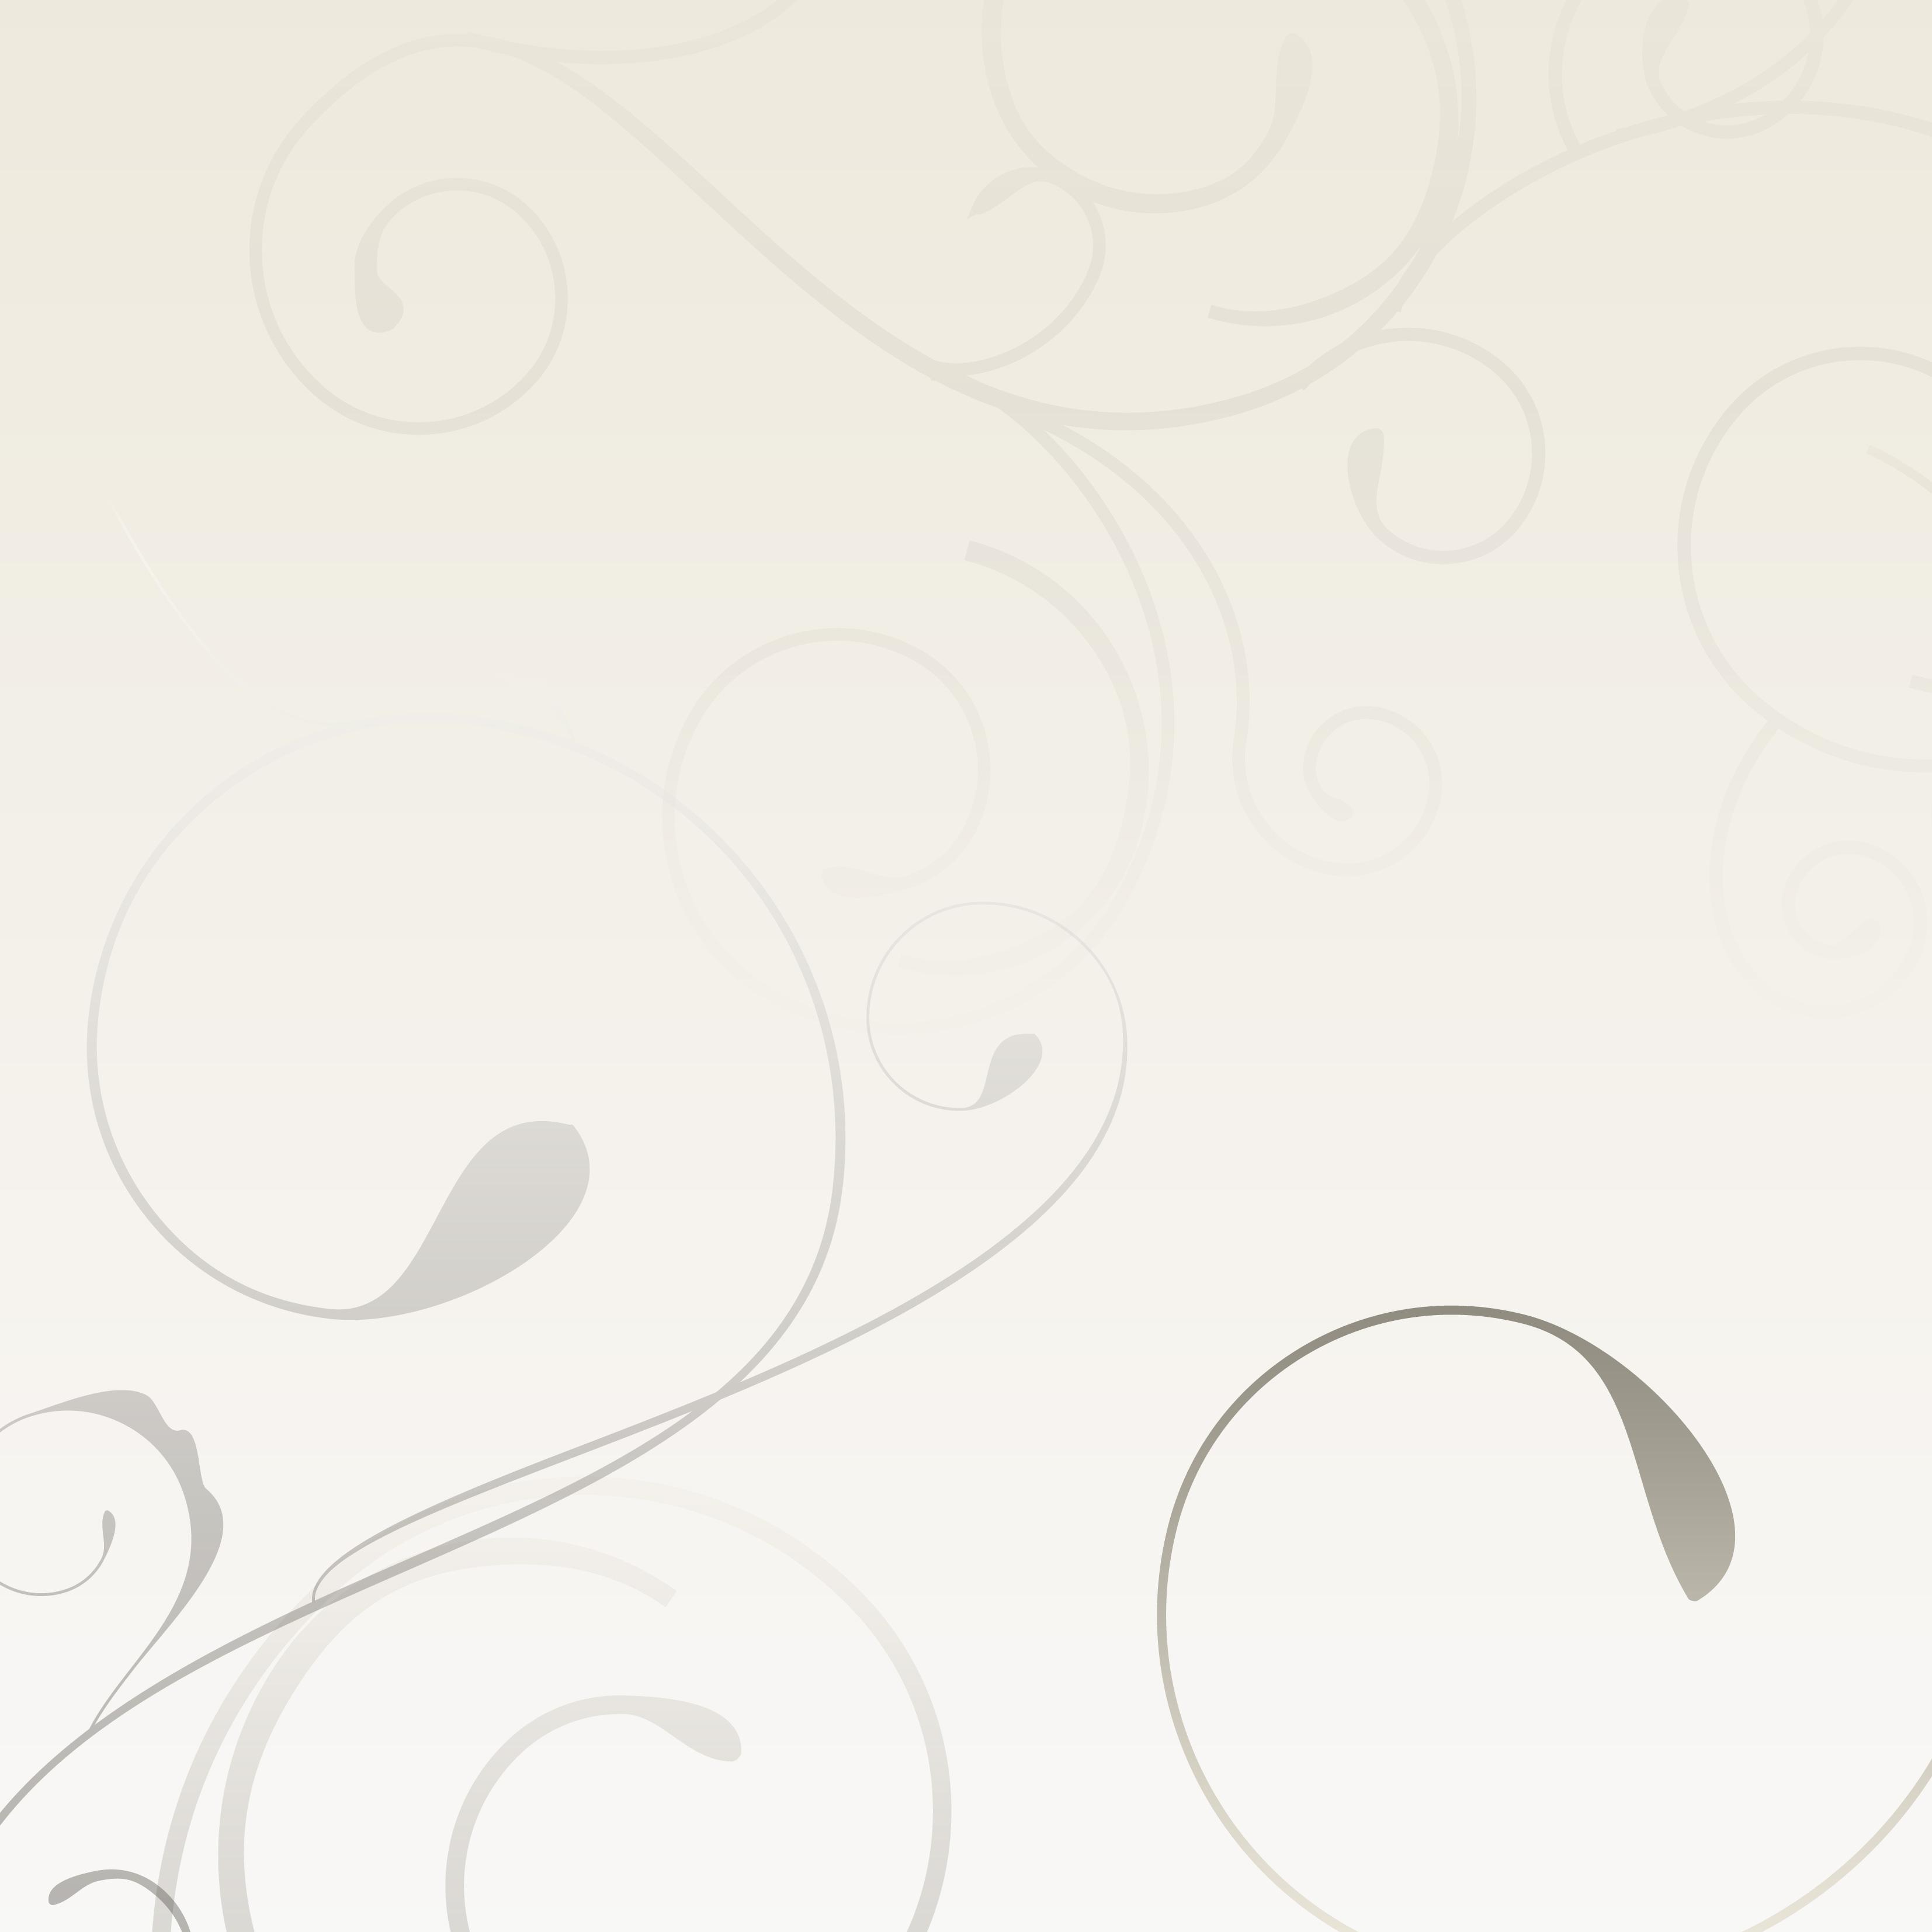 Einladung Zur Taufe Muster zum nett einladung gestaltung